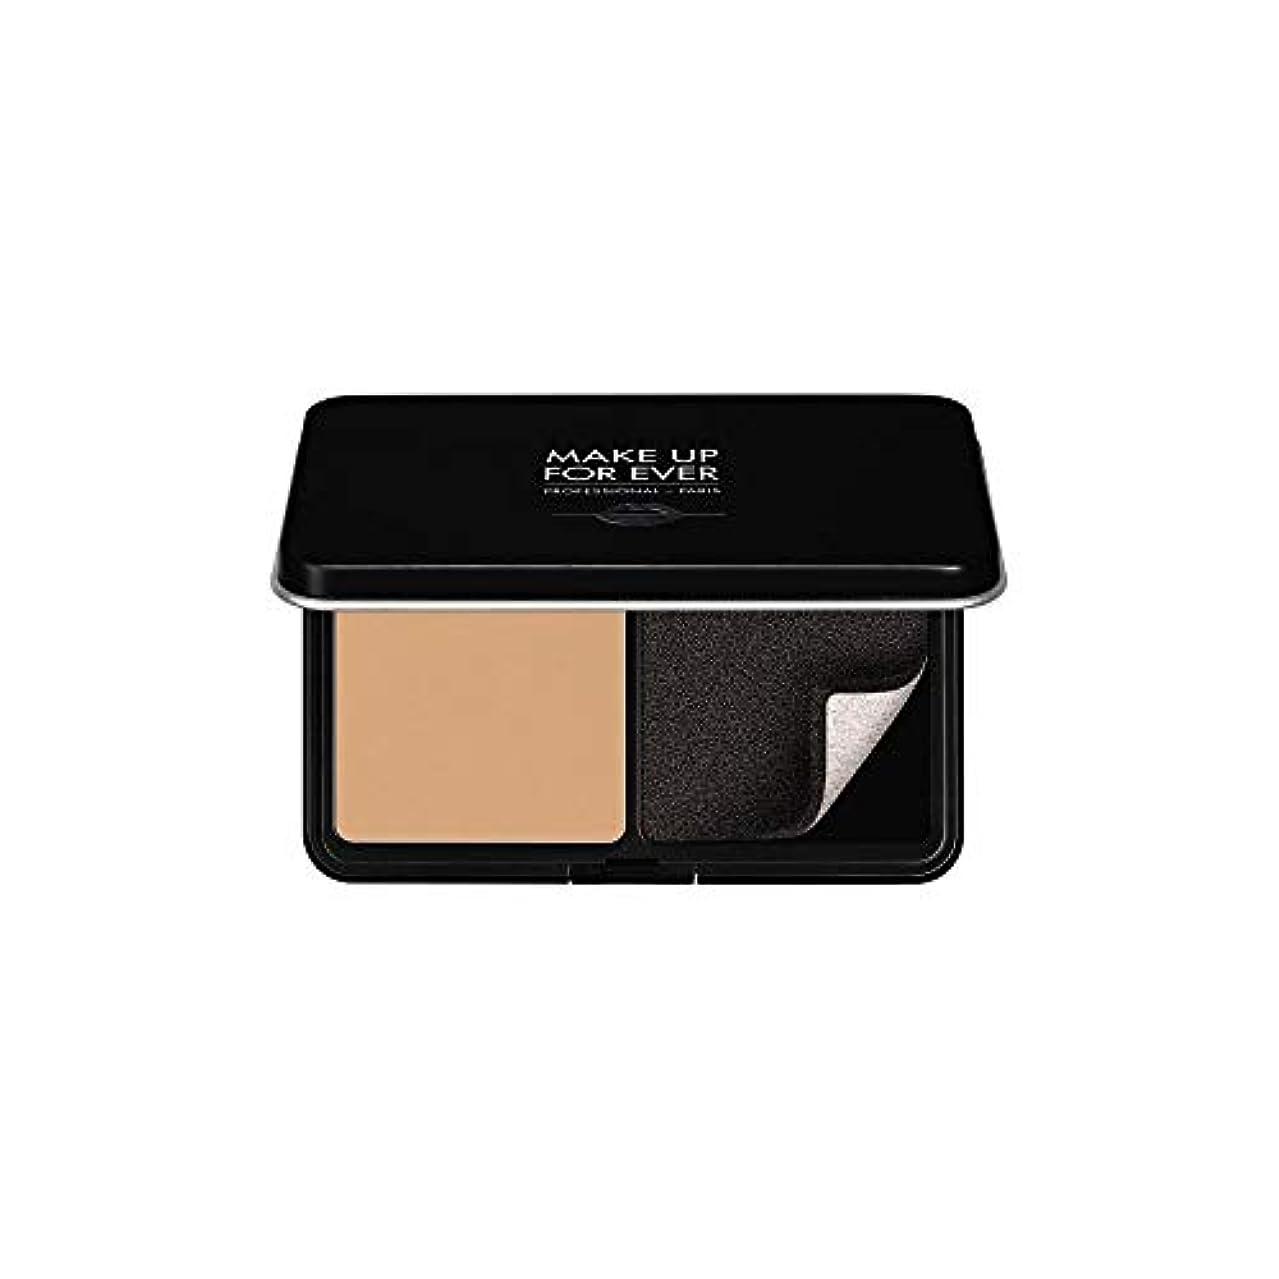 継承贅沢な生きるメイクアップフォーエバー Matte Velvet Skin Blurring Powder Foundation - # Y355 (Neutral Beige) 11g/0.38oz並行輸入品